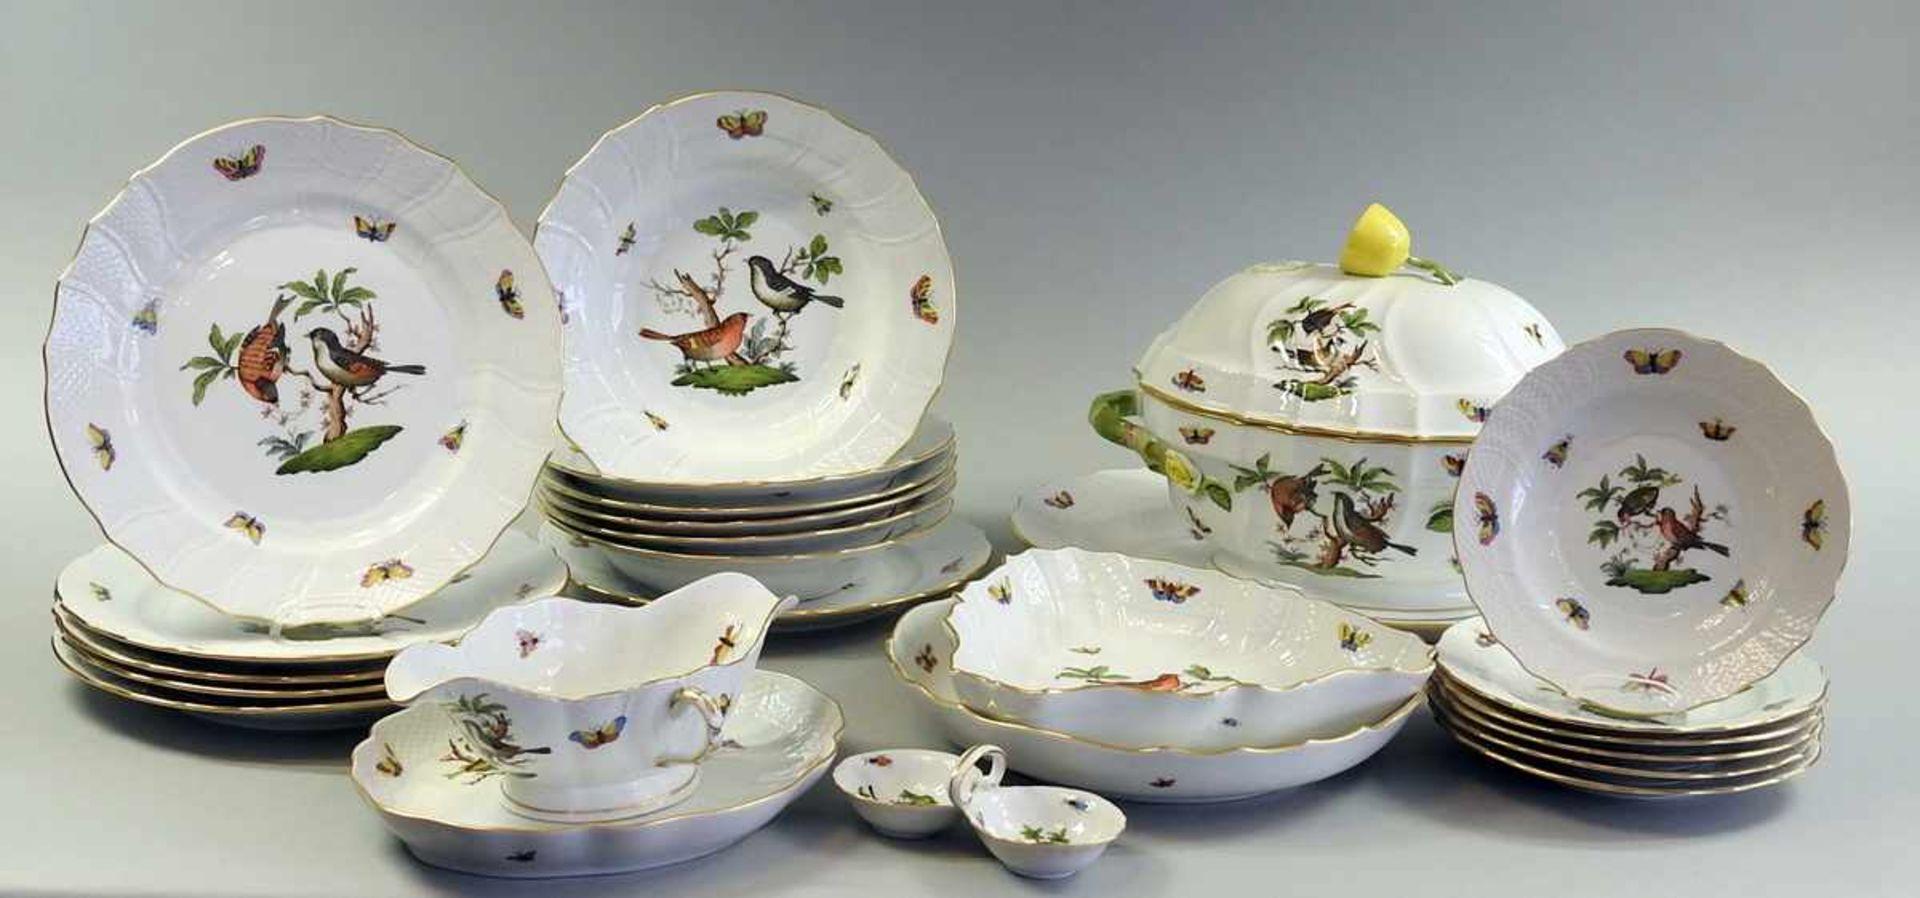 Los 52 - Herend Speiseservice für 6 Personen Porzellan. Dekor Rothschild mit naturalistischen und